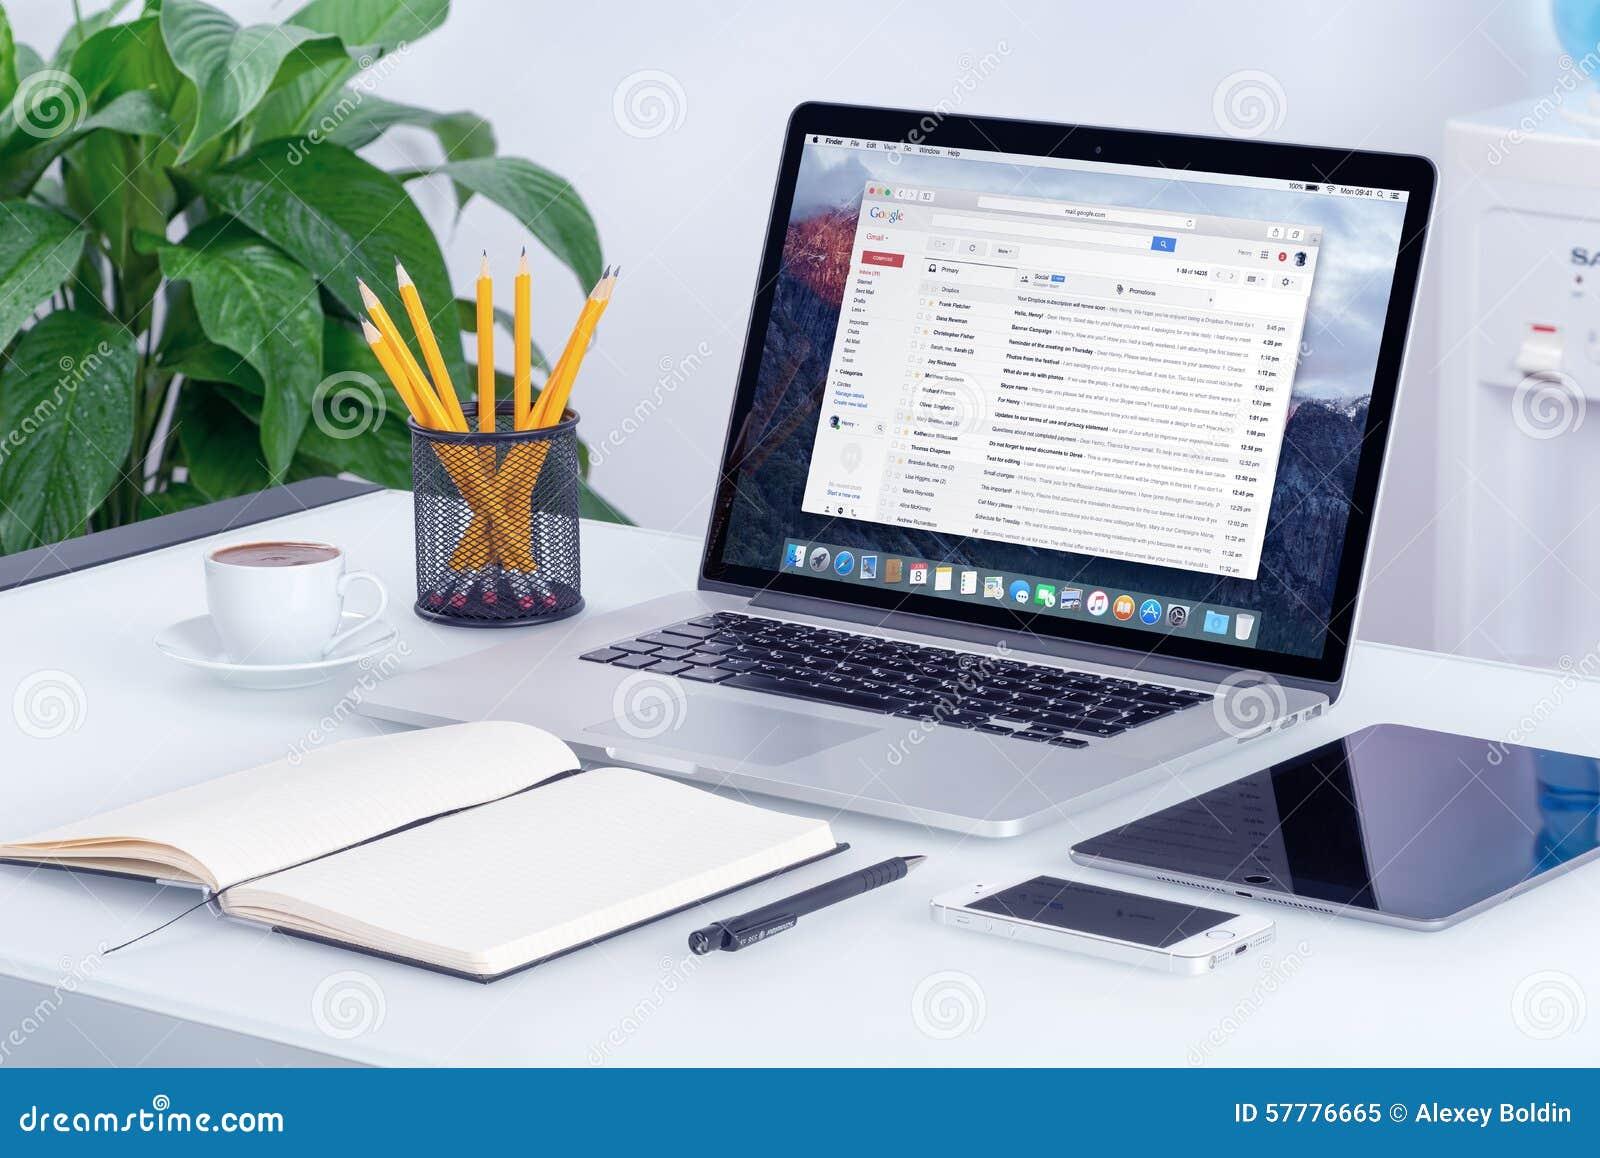 Interface de Google Gmail sur l écran d Apple MacBook sur le bureau